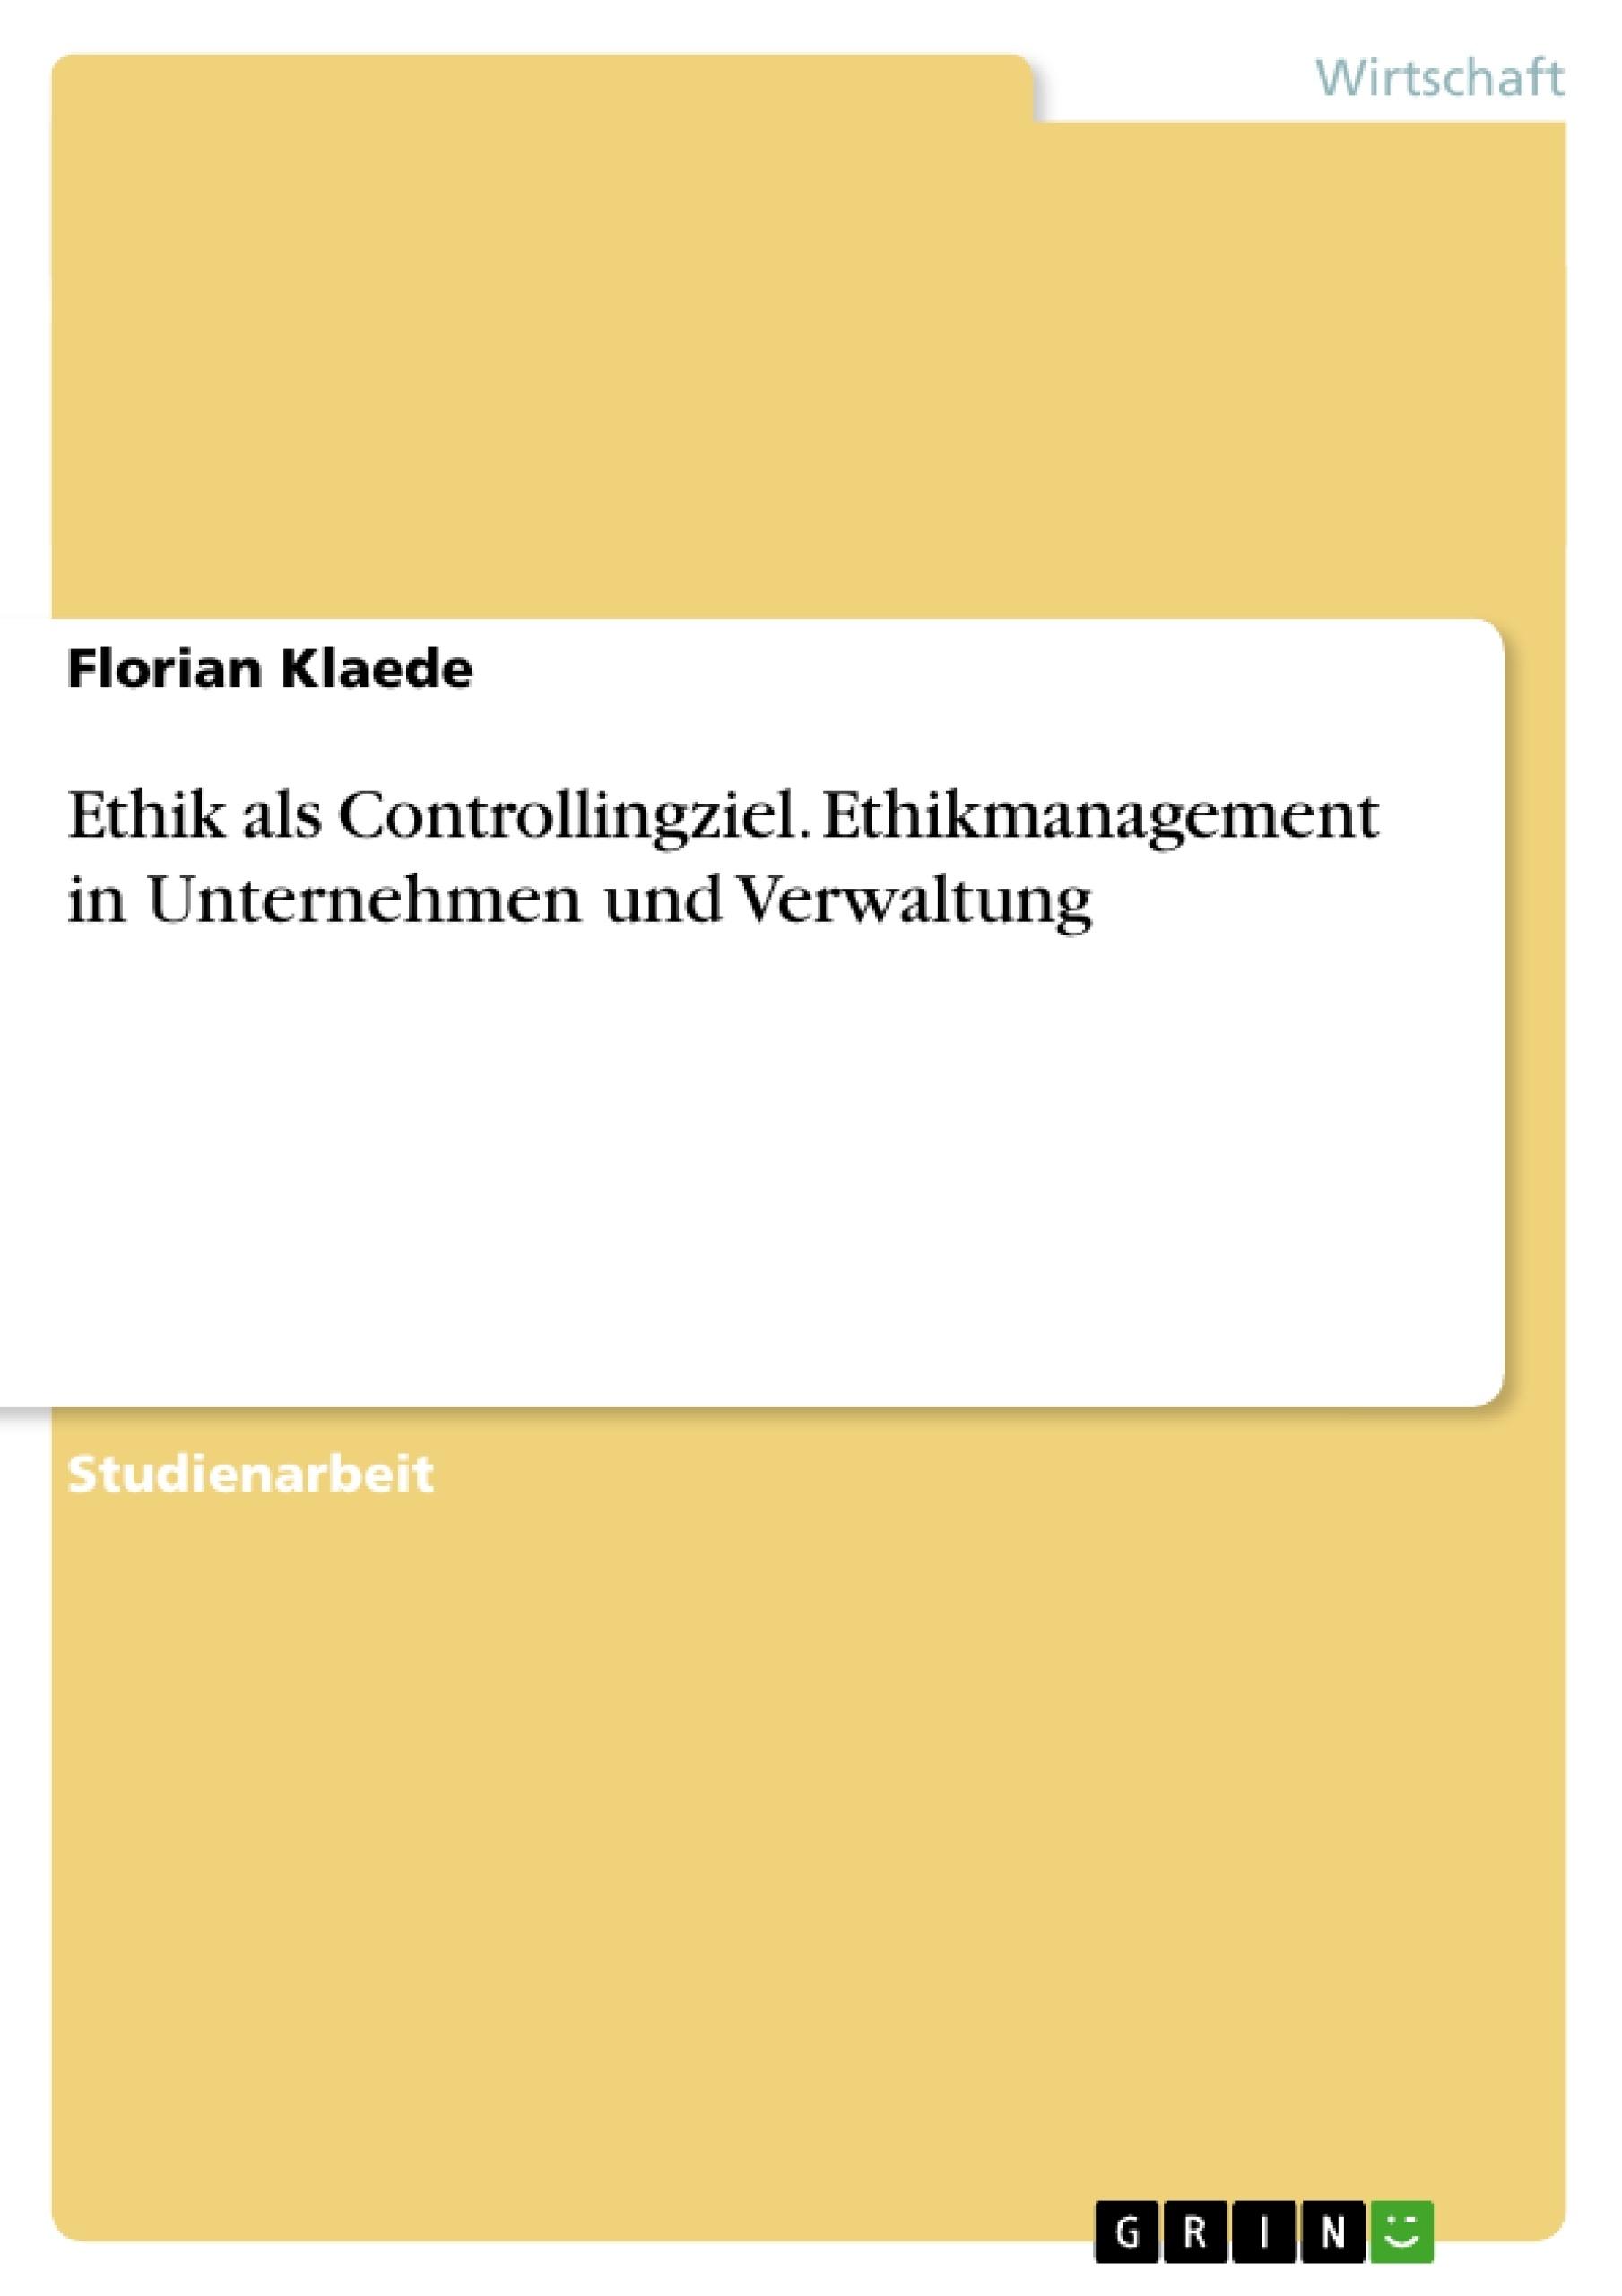 Titel: Ethik als Controllingziel. Ethikmanagement in Unternehmen und Verwaltung